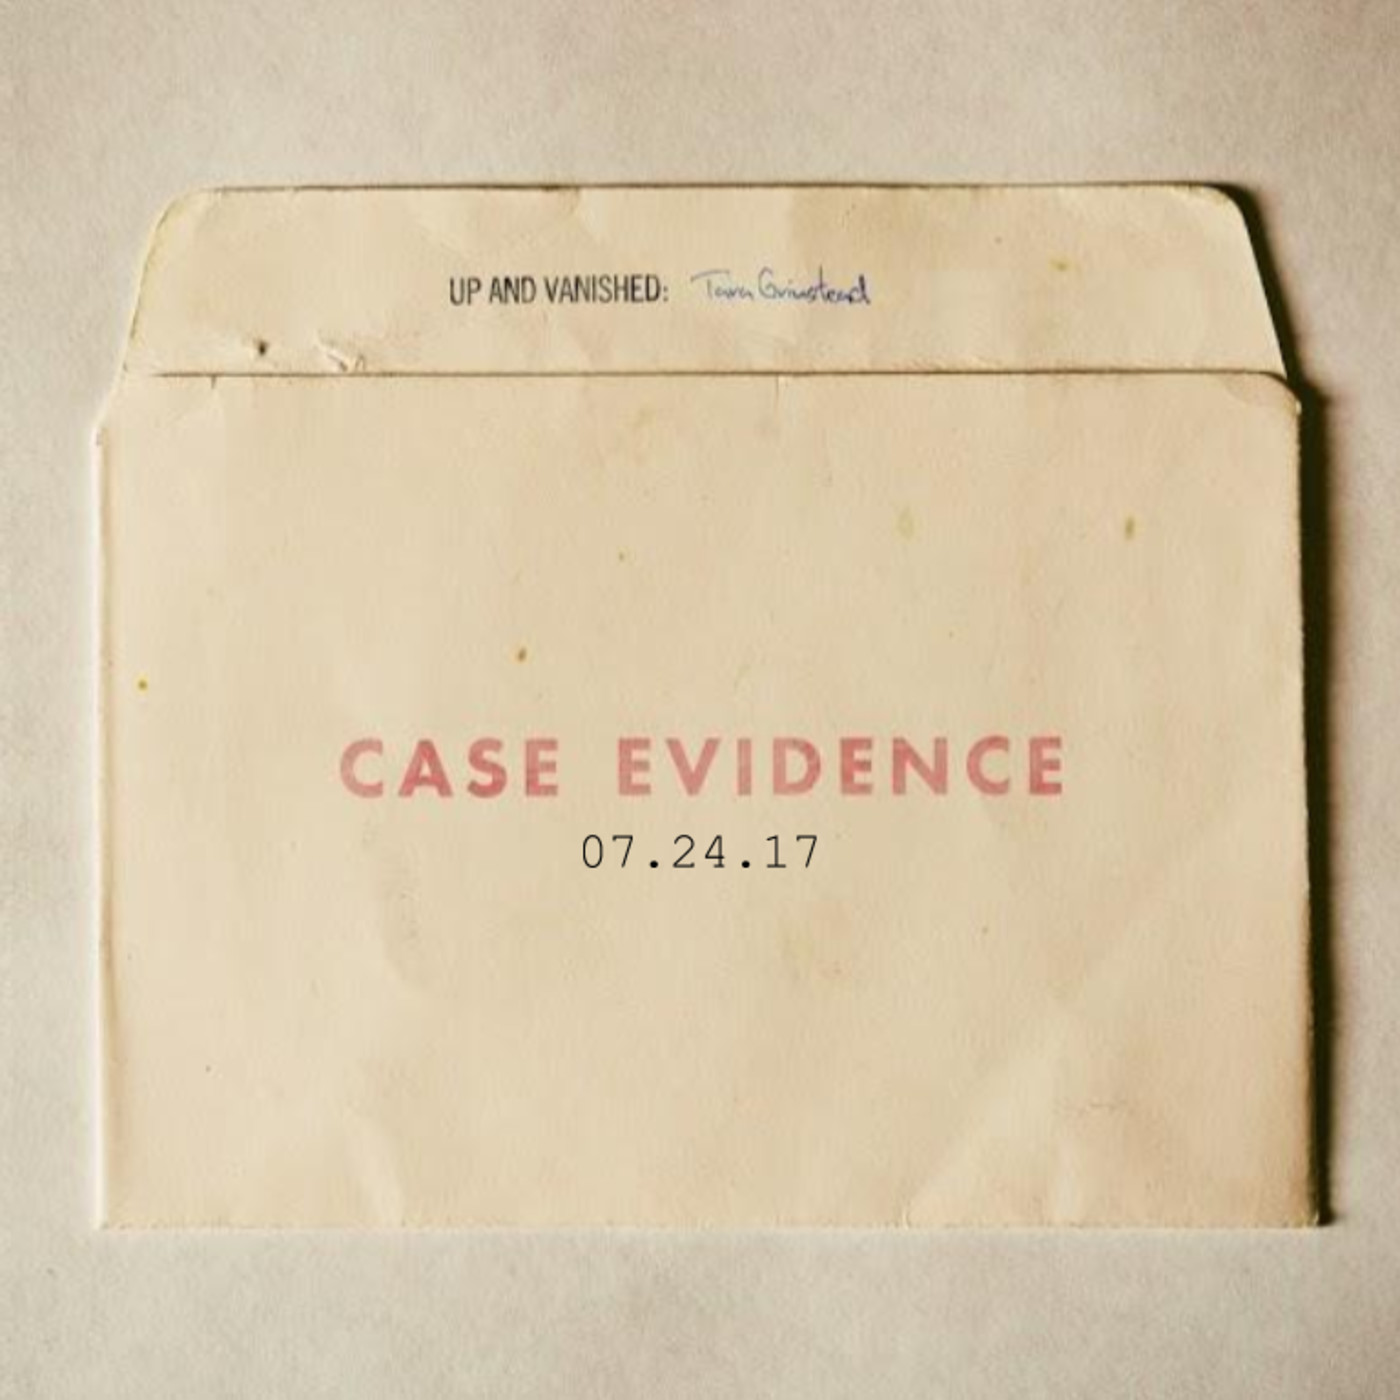 S1E : Case Evidence 07.24.17